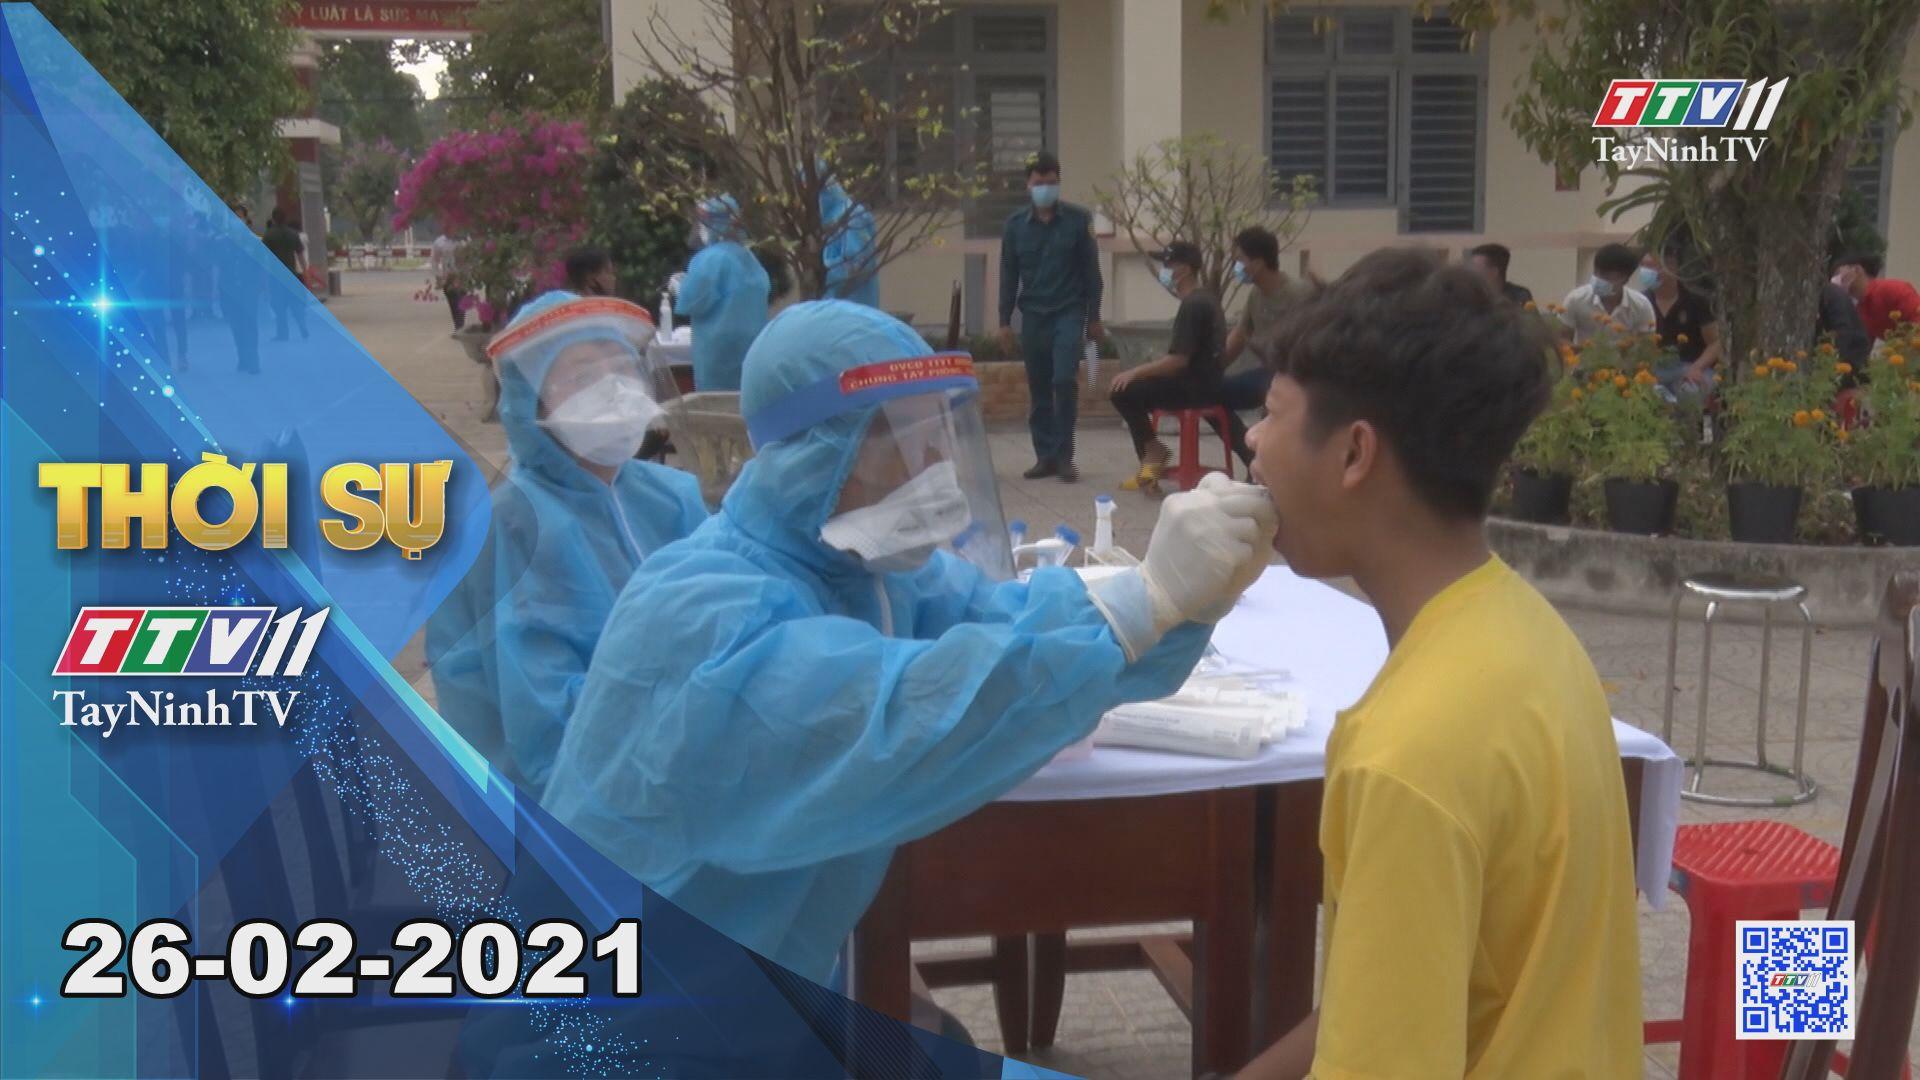 Thời sự Tây Ninh 26-02-2021 | Tin tức hôm nay | TayNinhTV